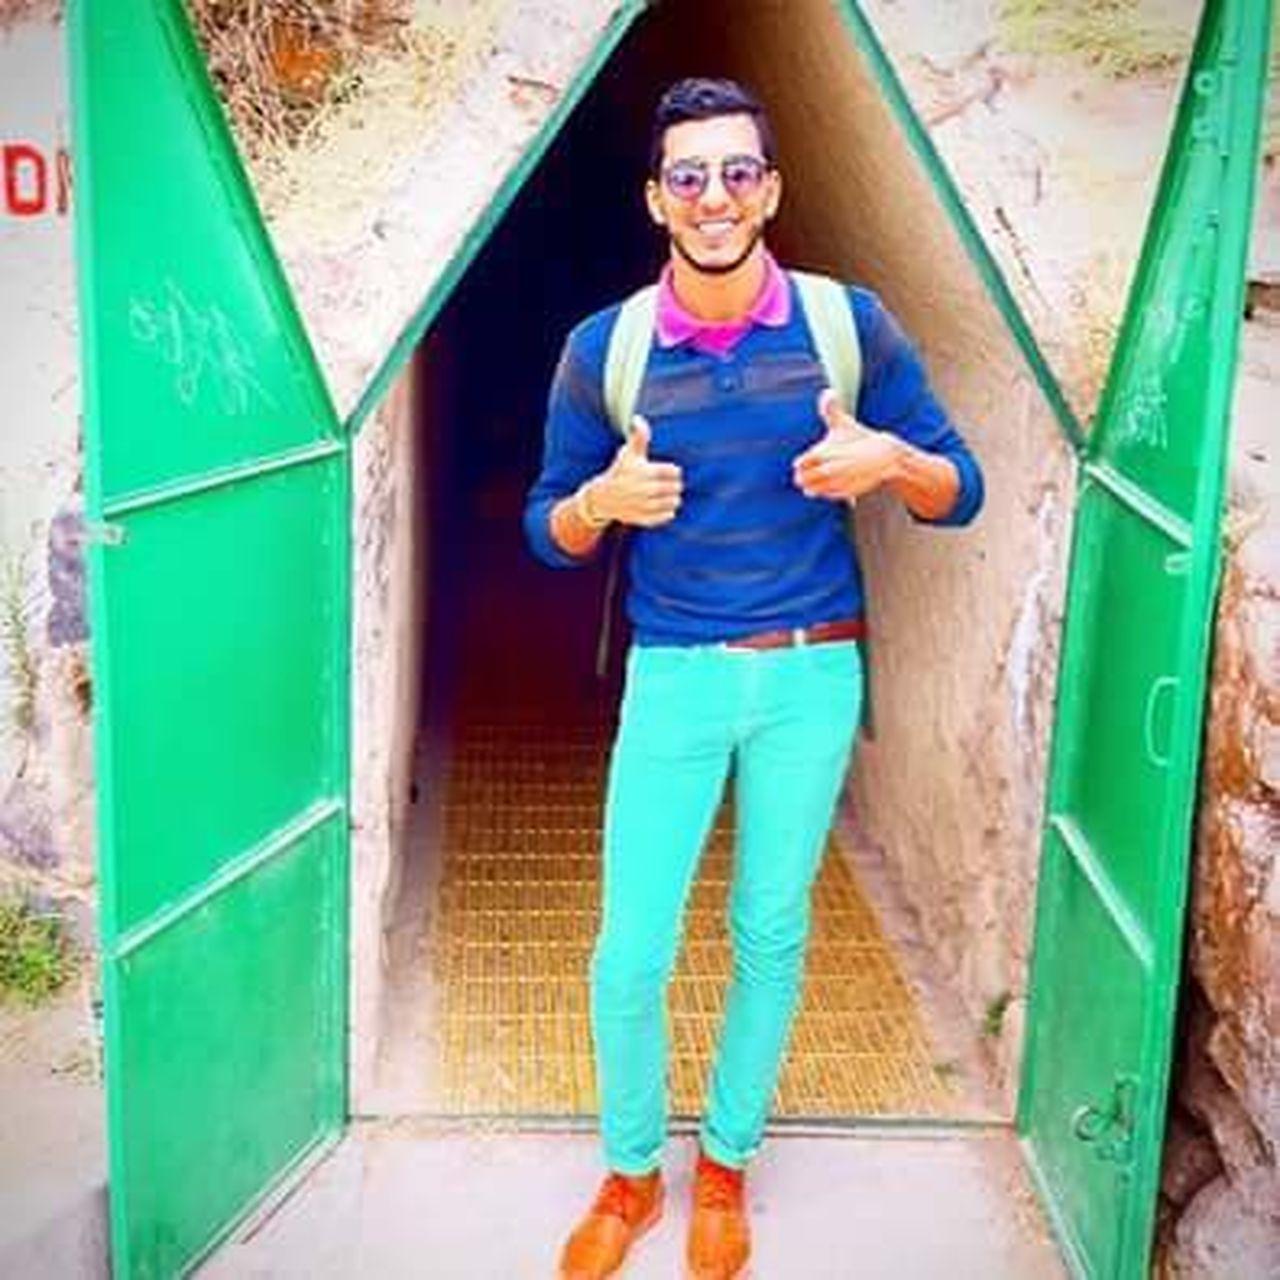 Viajar es increíble conocer gente con uno mismo es mucho mas Puebla De Zaragoza Cholula Pirámides Disfrutando De La Vida